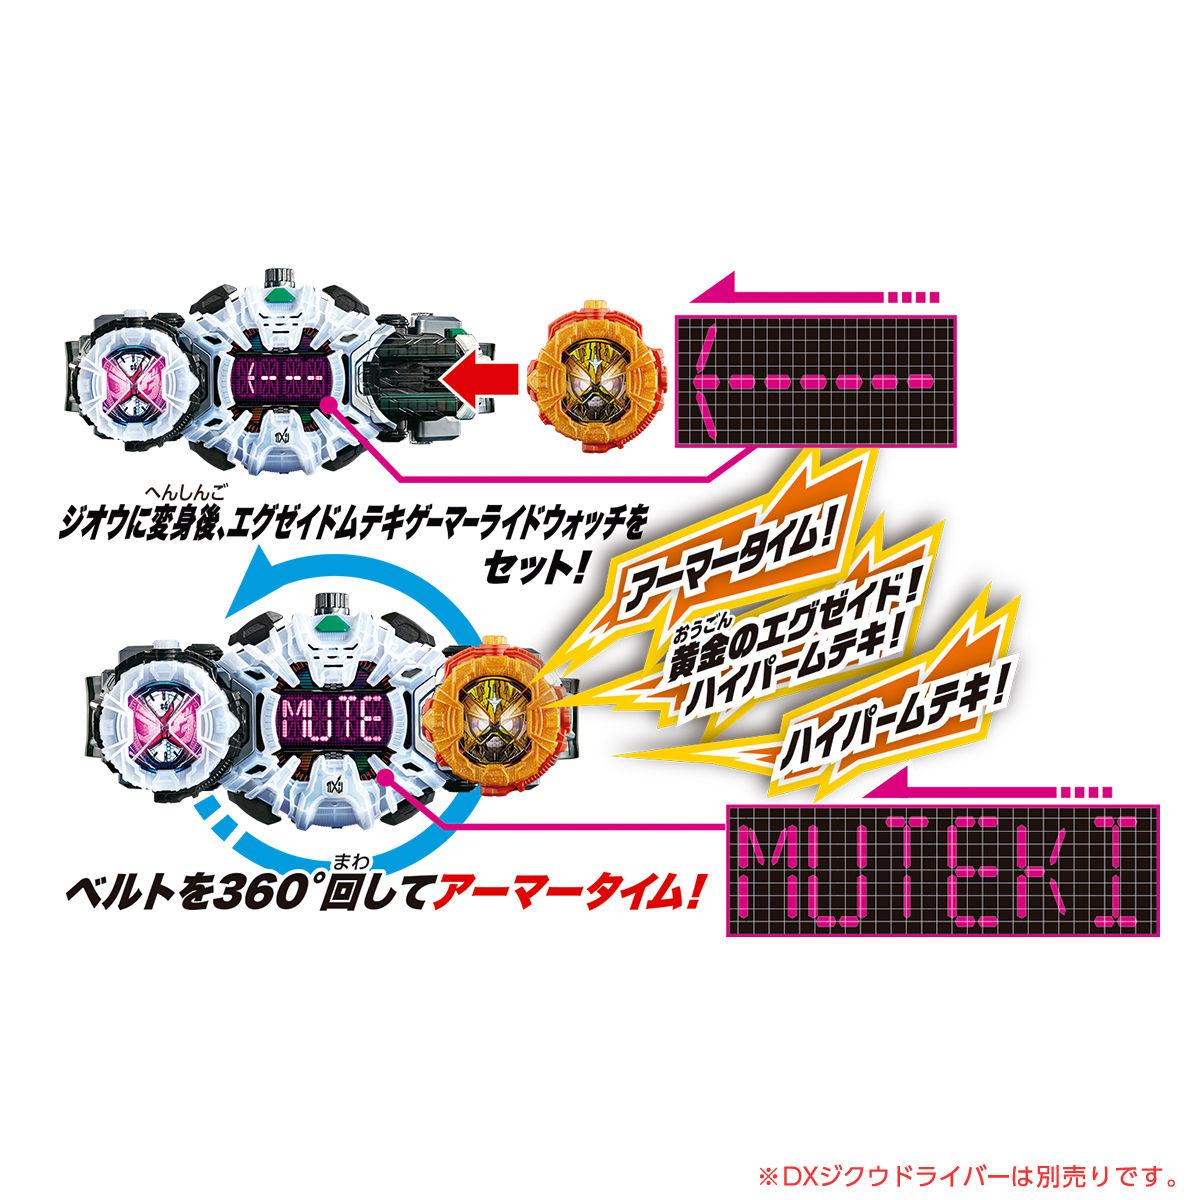 仮面ライダージオウ『DXエグゼイドムテキゲーマーライドウォッチ』変身なりきり-006